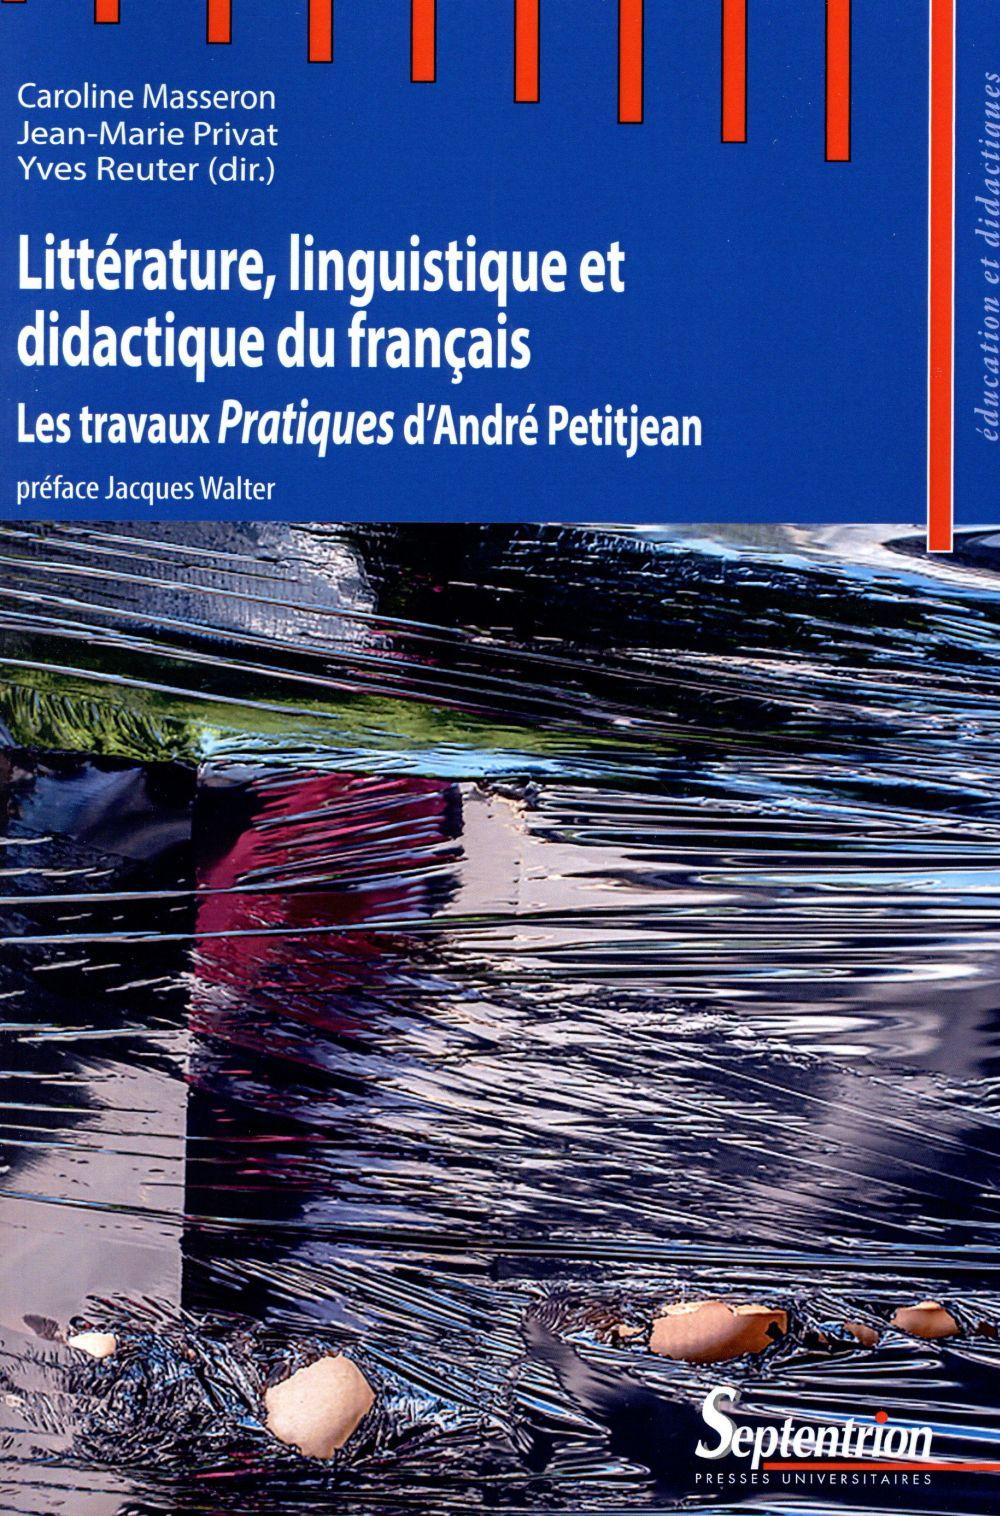 Litterature, linguistique et didactique du francais les travaux pratiques d'andre petitjean - les tr